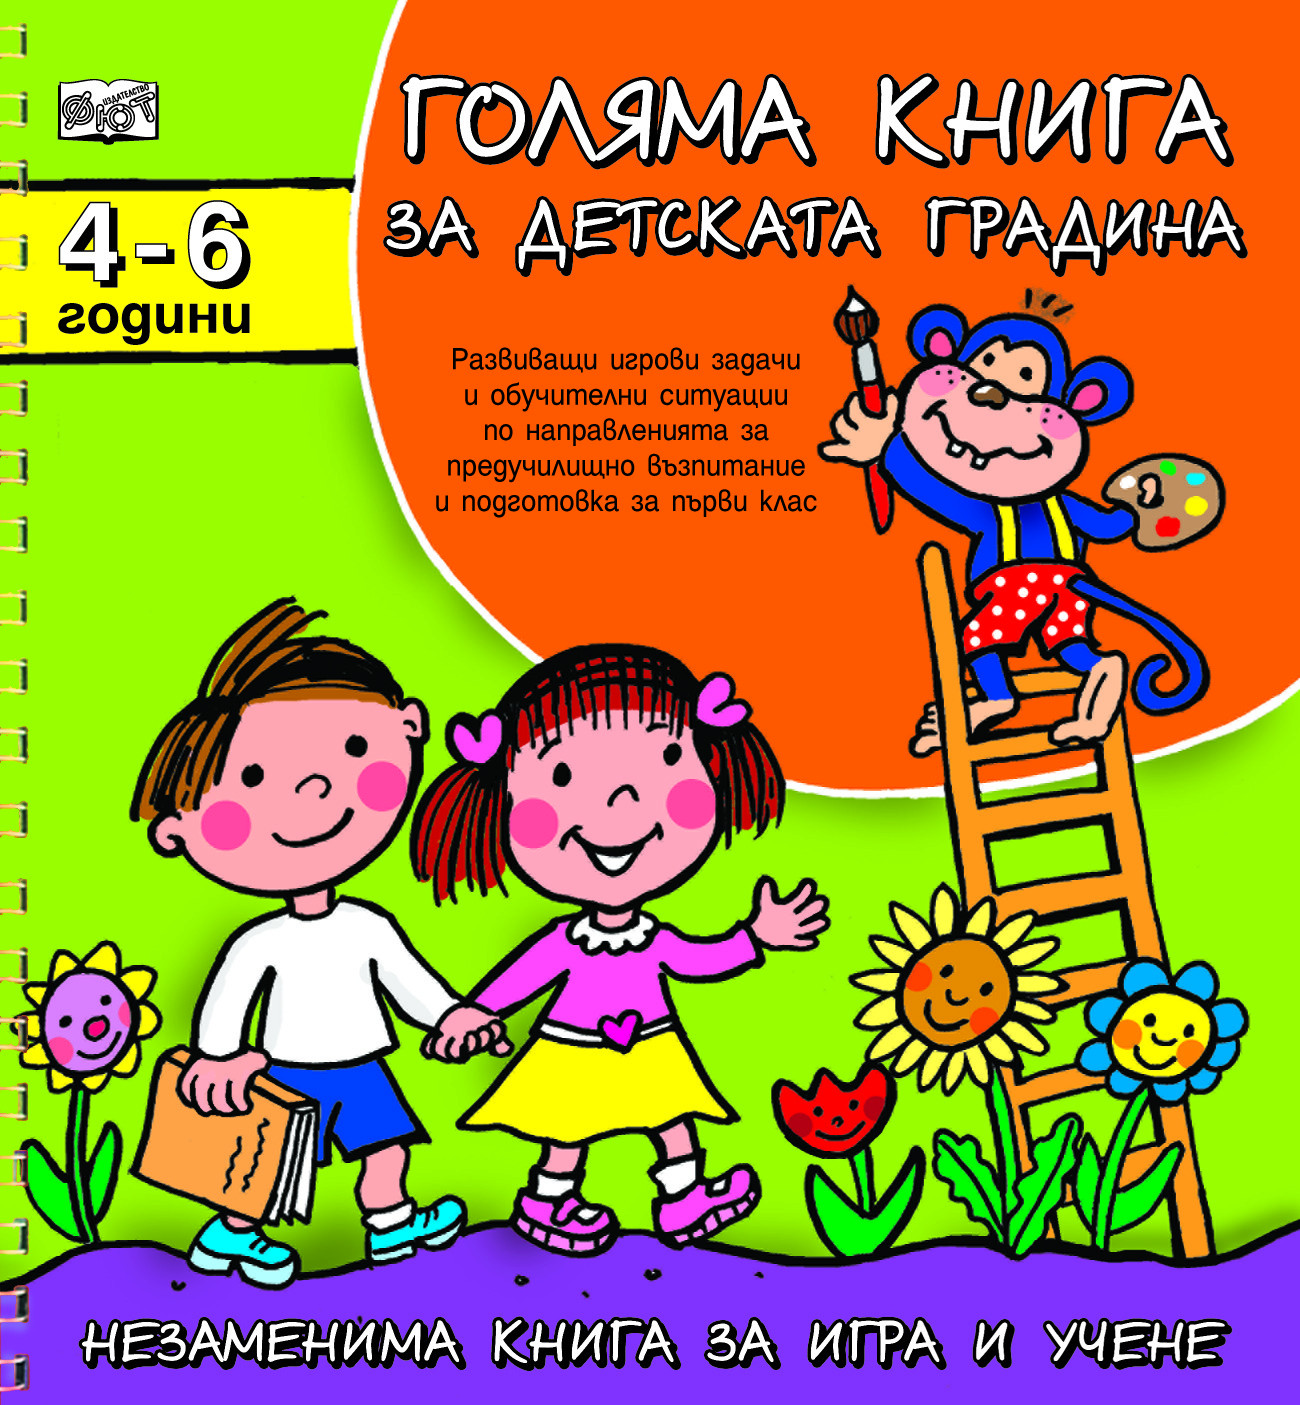 Голяма книга за детската градина 4-6 г.